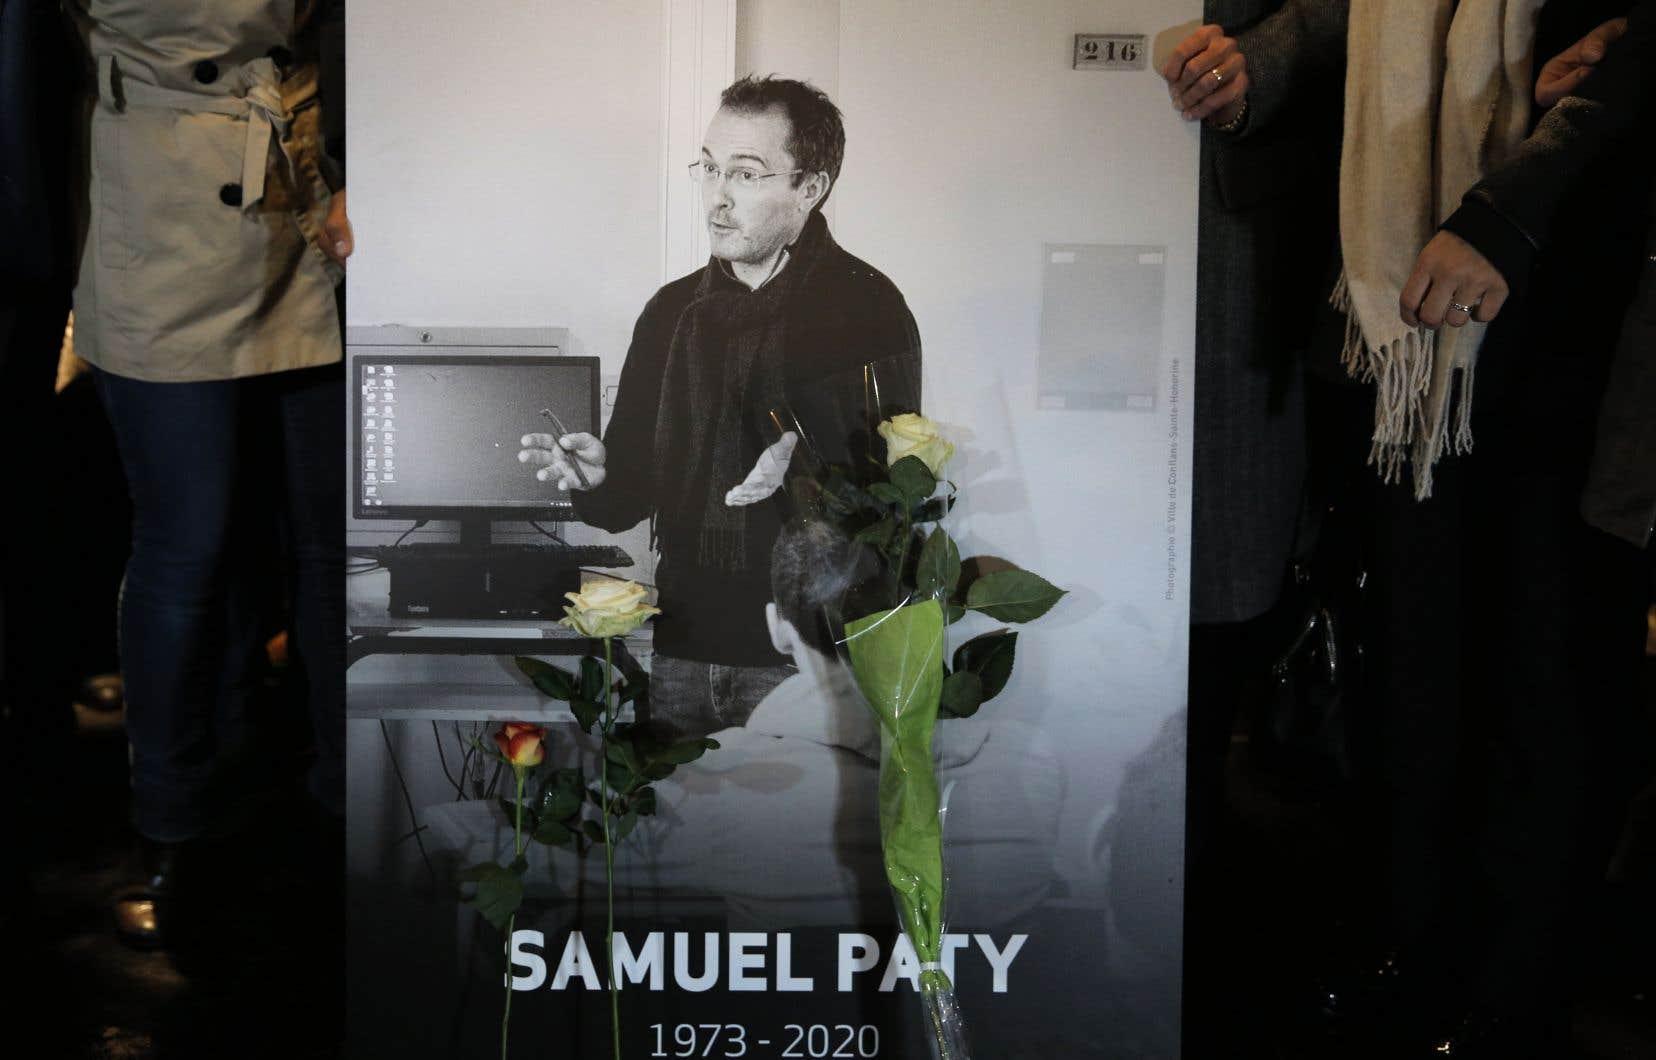 Le professeur de philosophie Didier Lemaire affirme être la cible de «propos haineux» et d'«attaques» depuis qu'il a défendu l'enseignant Samuel Paty, décapité par un djihadiste pour avoir montré les caricatures de «Charlie Hebdo» en cours, dont la mort avait secoué la France entière.